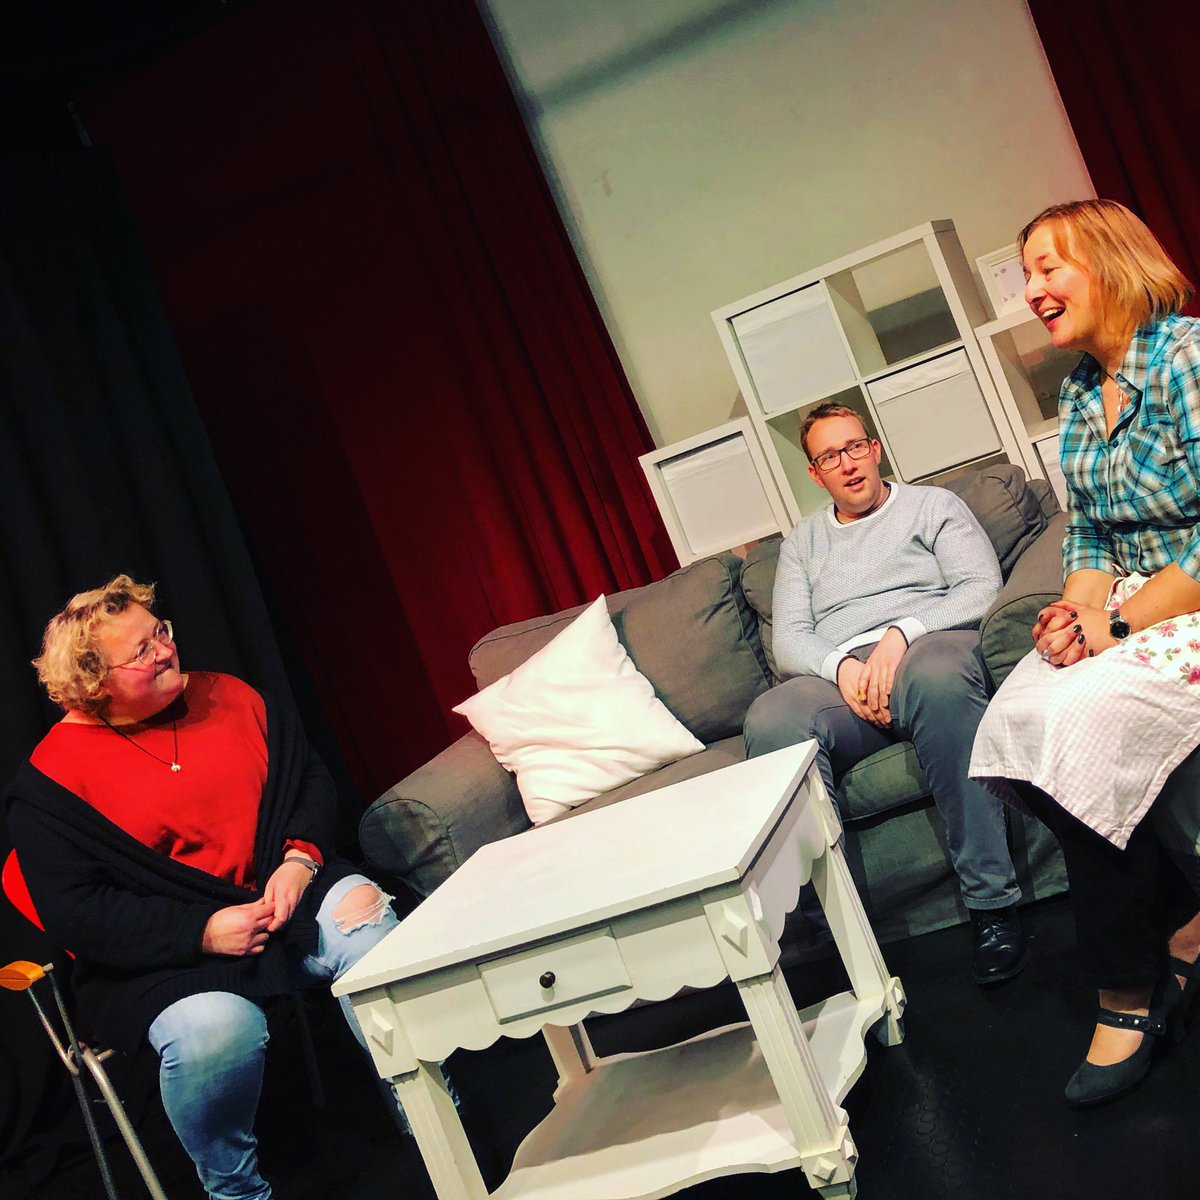 Ihr findet das Bild ist schief? Dann solltet ihr euch dringend unsere neue Komödie anschauen. Heute eine der letzten Proben. Am 14. Februar ist Premiere. Infos: http://www.theater-mimus.de | #theatermimus #theater #komödie #37ansichtskarten #premiere #10jahre #hamburg #ahrensburgpic.twitter.com/0zZlrkGEsk